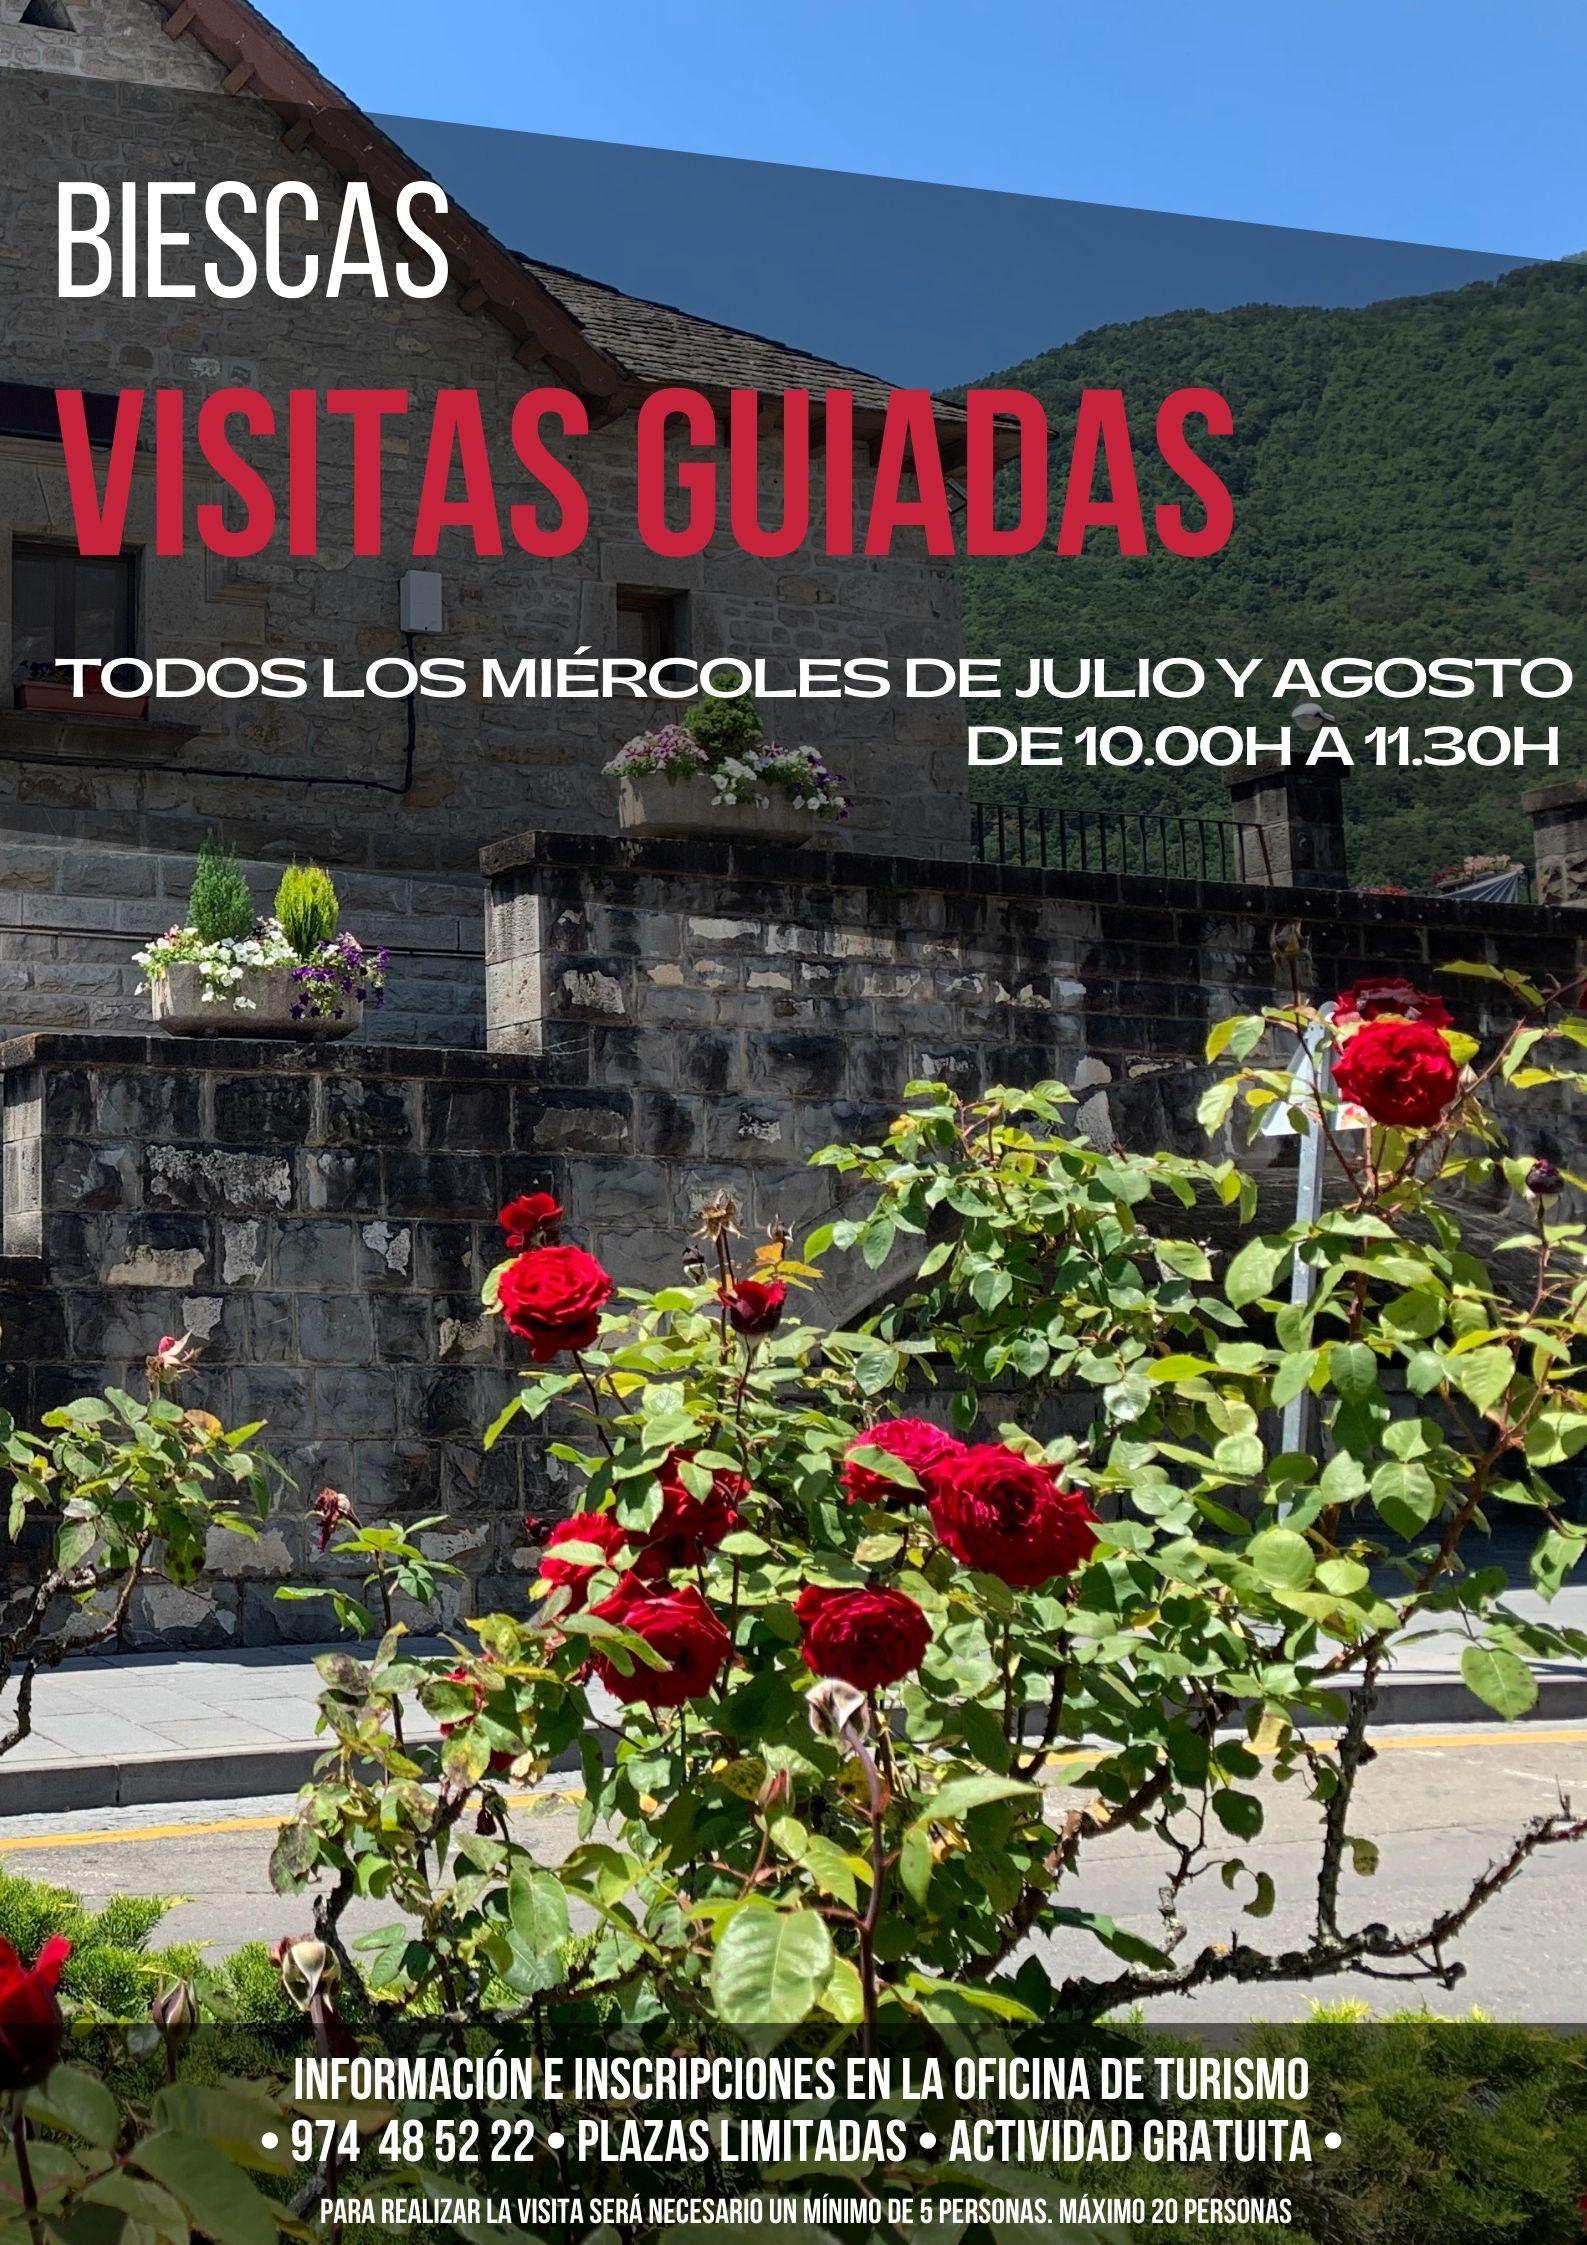 VISITAS GUIADAS BIESCAS